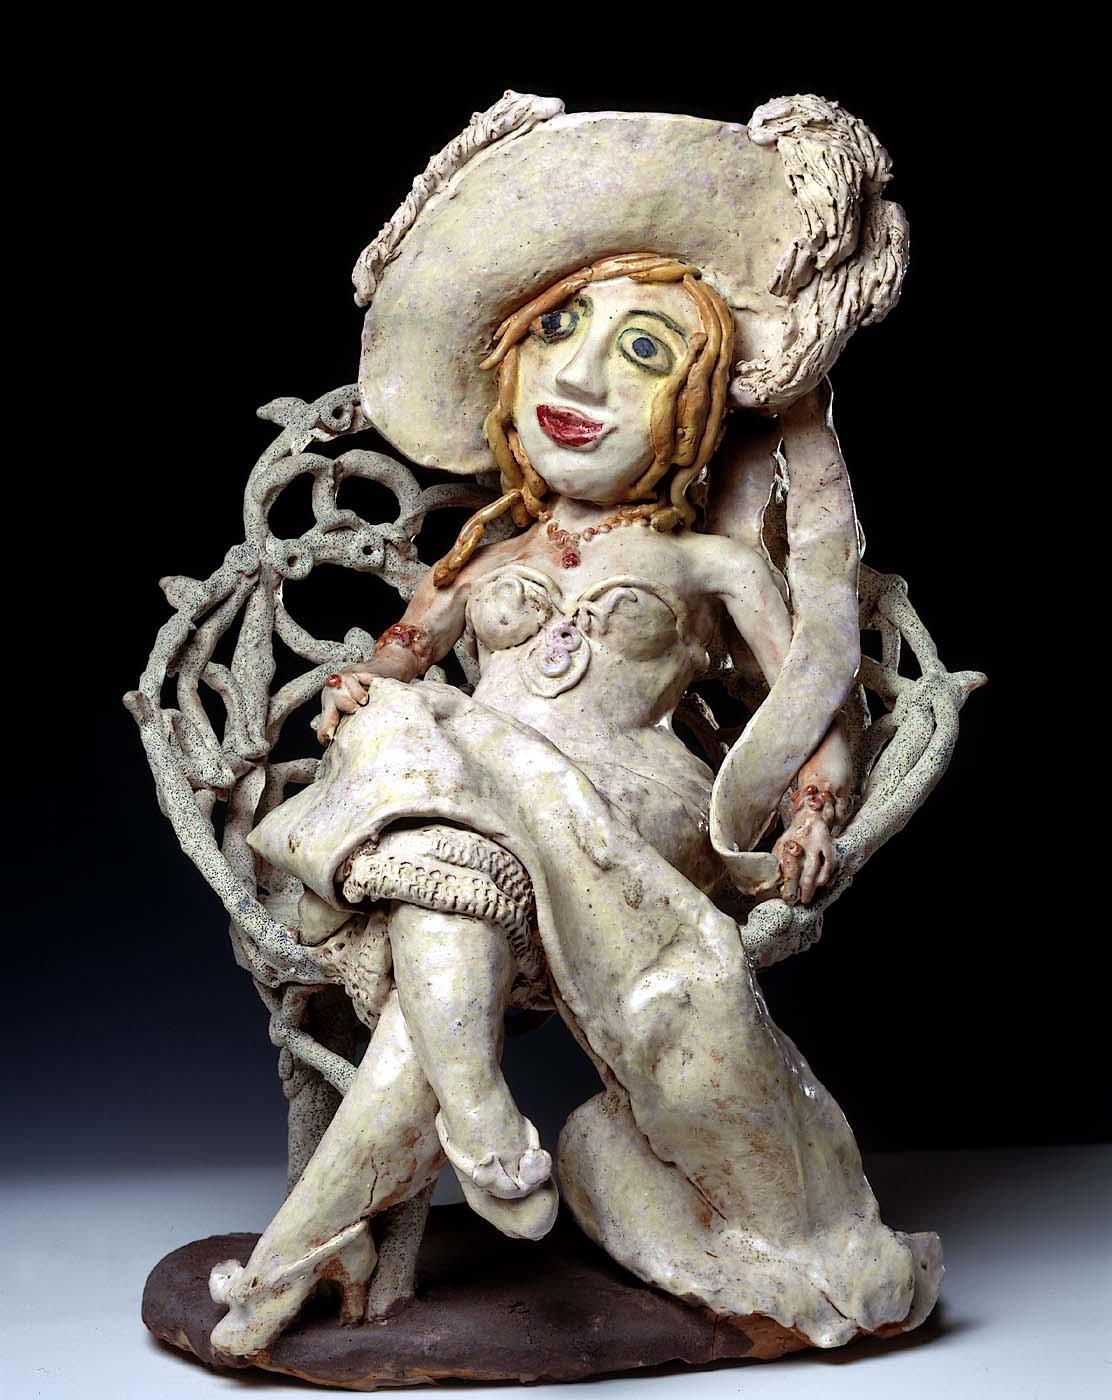 Беатрис Вуд (англ. Beatrice Wood, 3 марта 1893, Сан-Франциско — 12 марта 1998, Охай) — американская художница, писательница и журналистка, работавшая в таких направлениях, как дадаизм и сюрреализм.